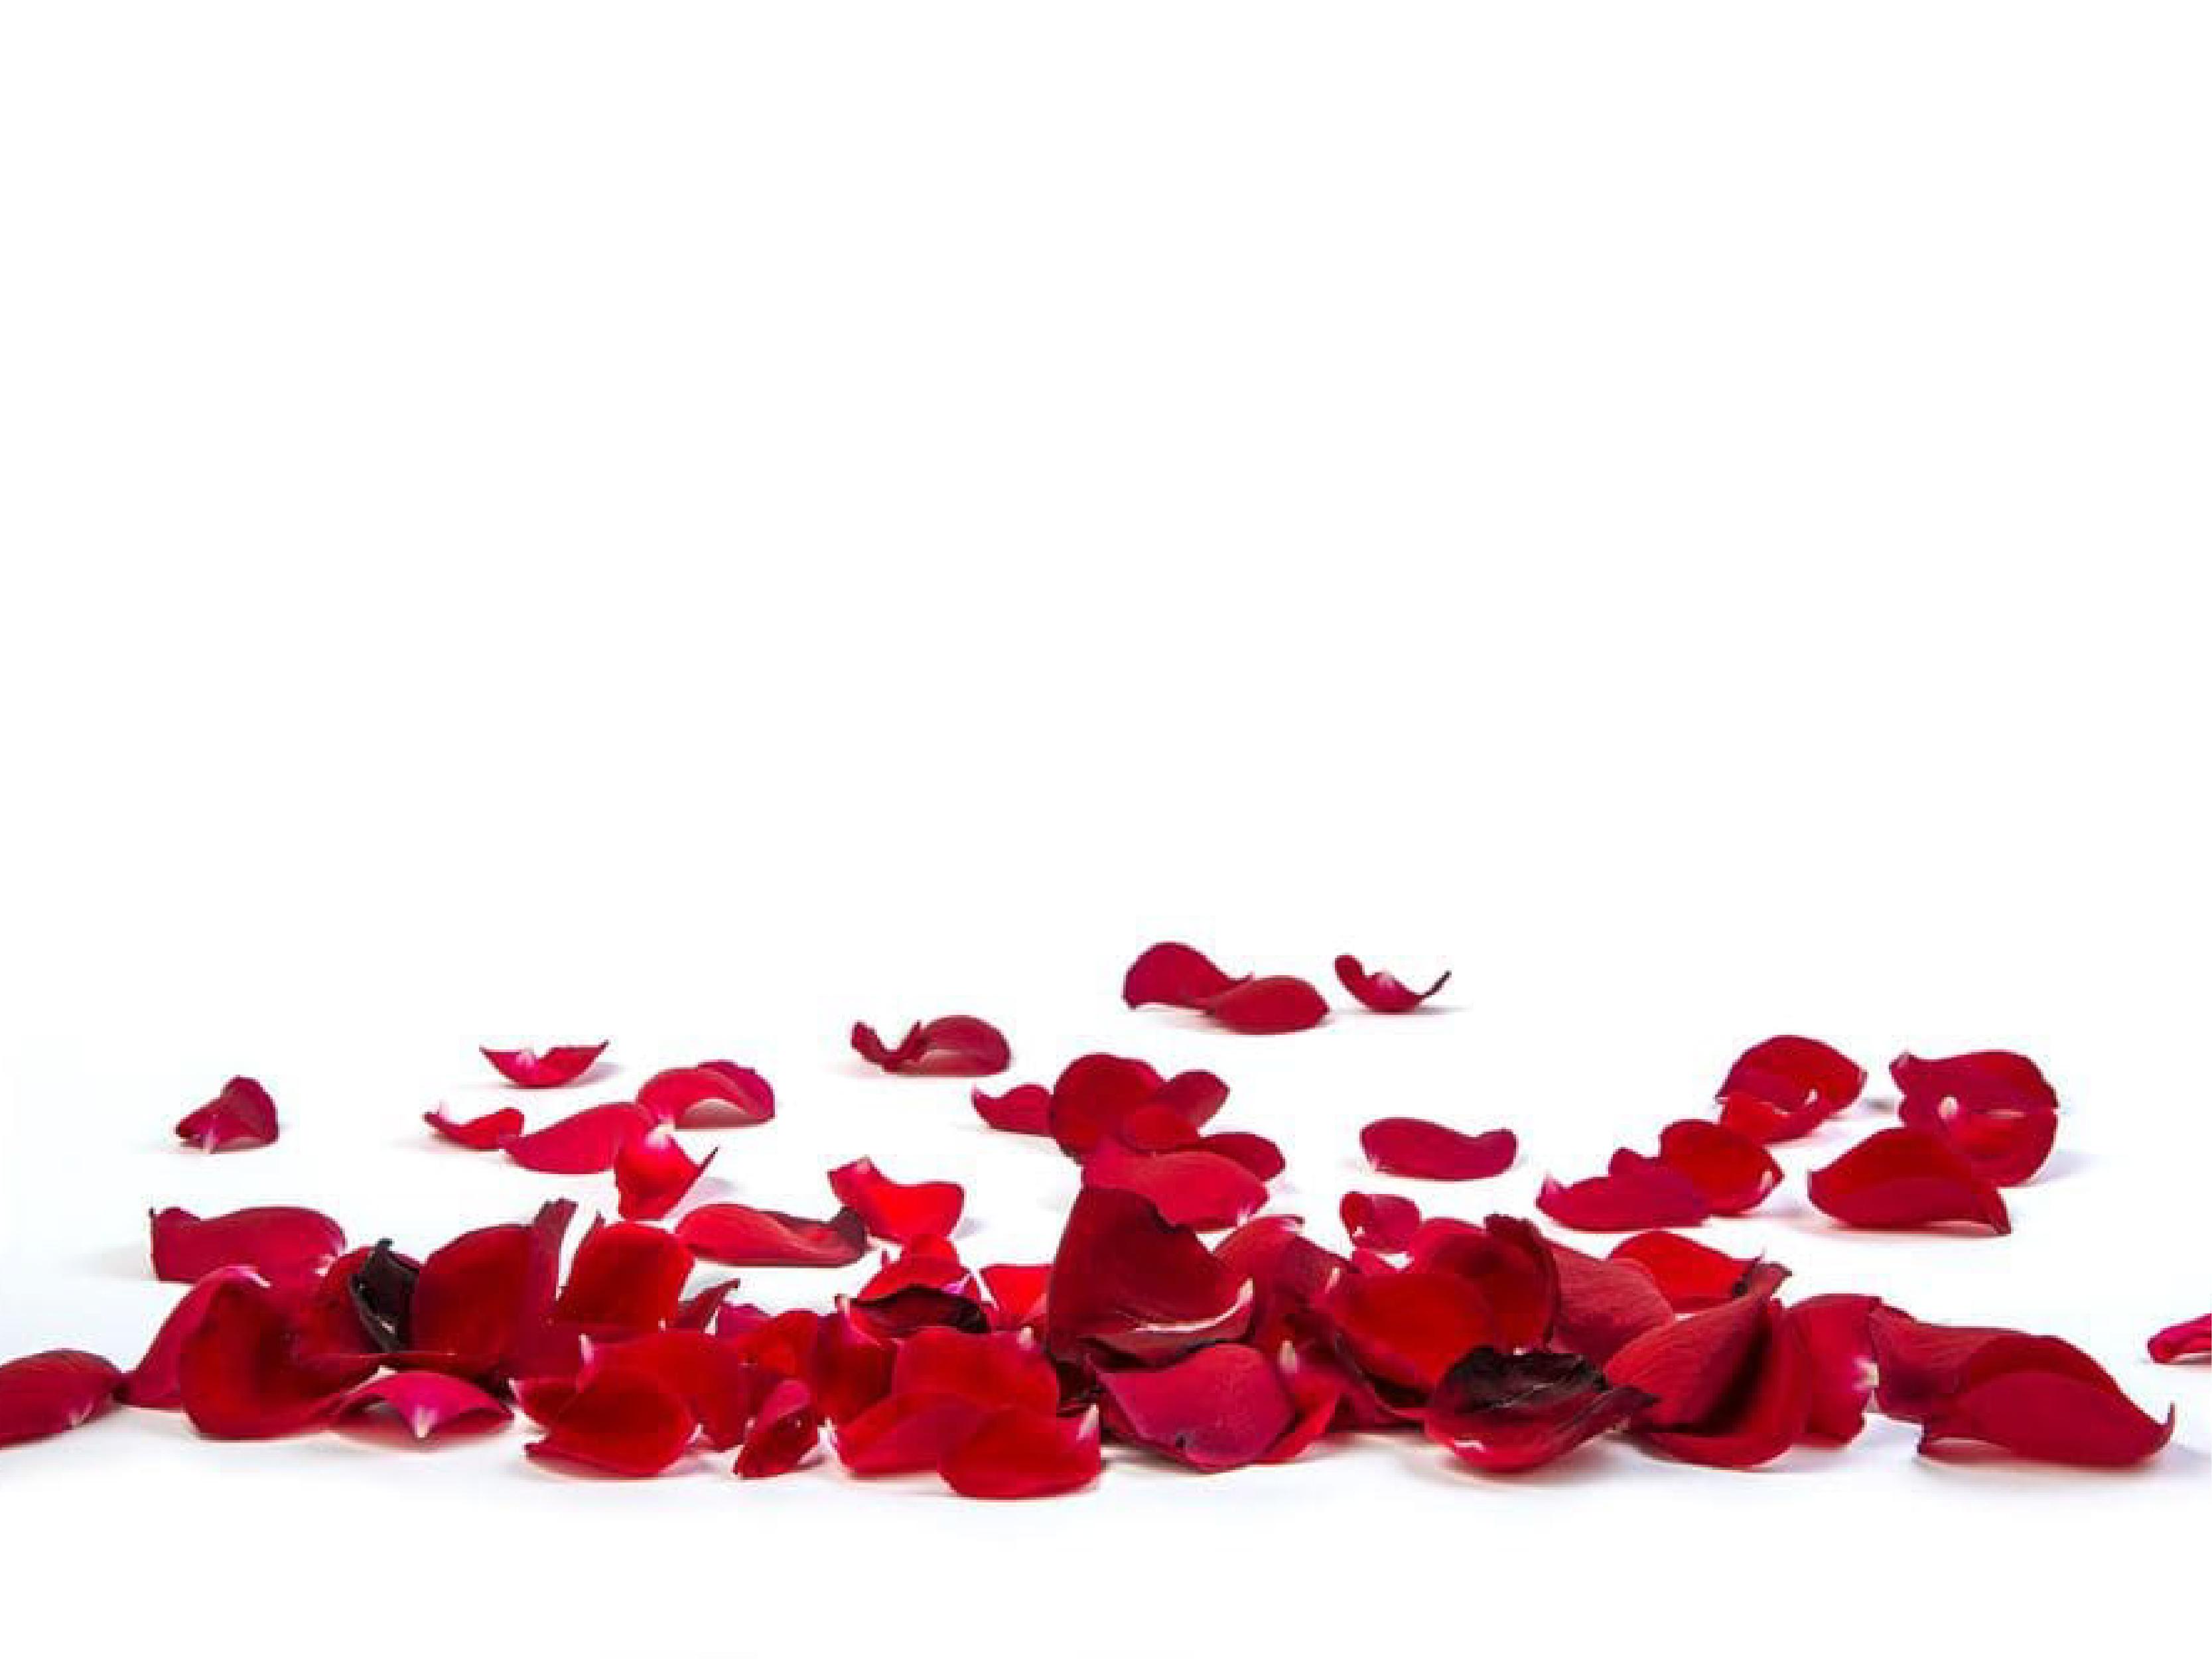 Cánh hoa hồng tươi để làm nước hoa hồng